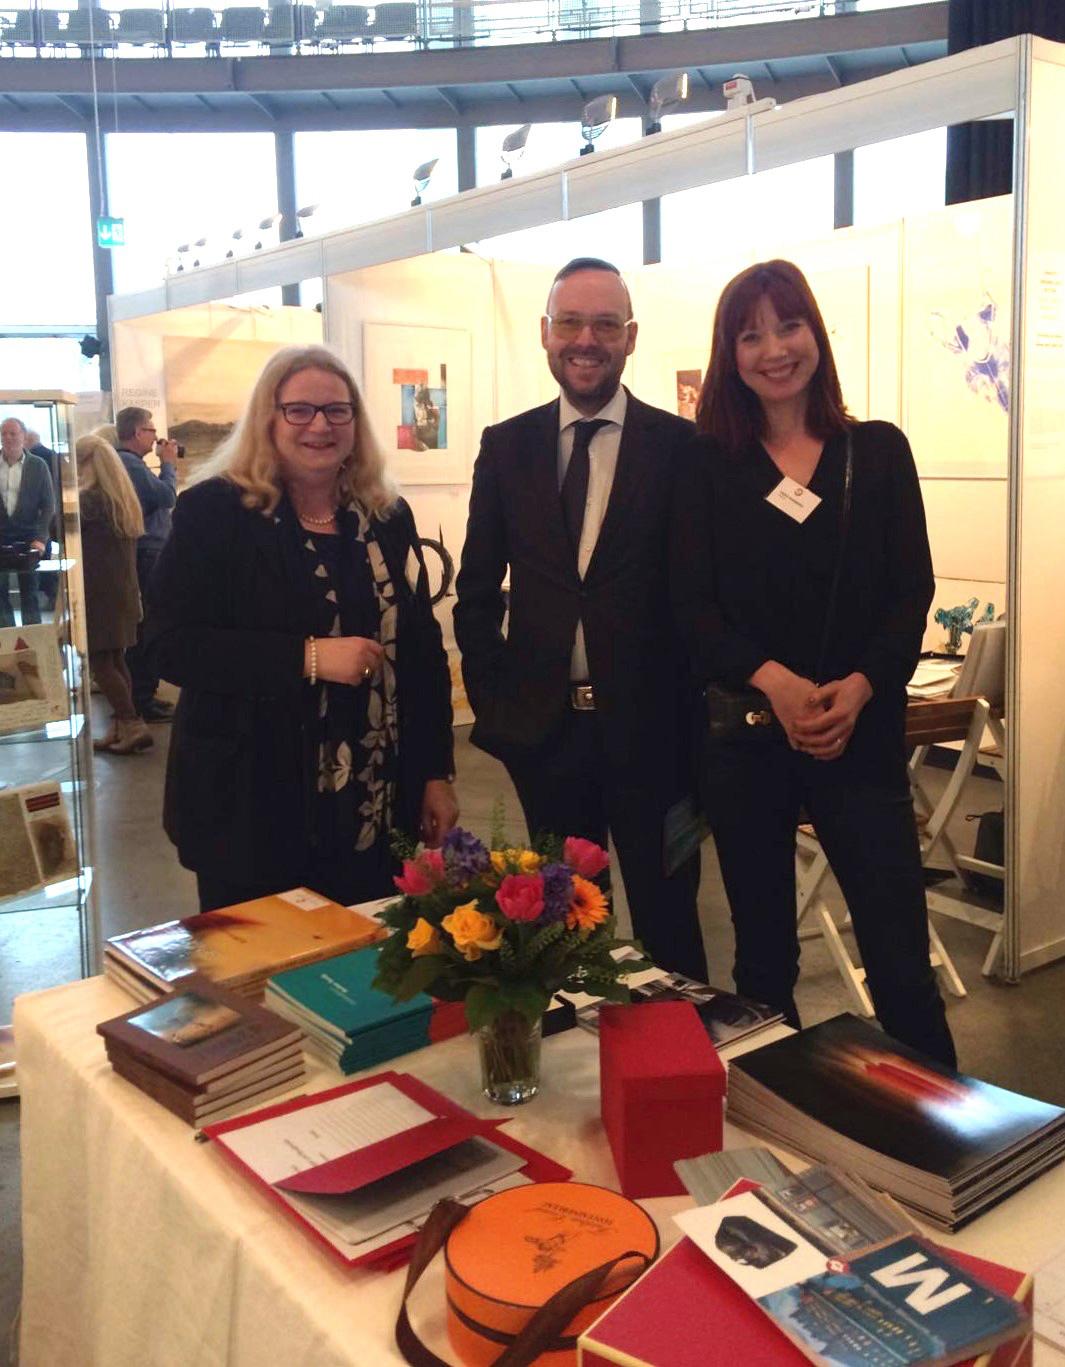 Nicole von Vietinghoff-Scheel, Michael Münzer vom Zeit-Kunstverlag und Tanja Wekwerth